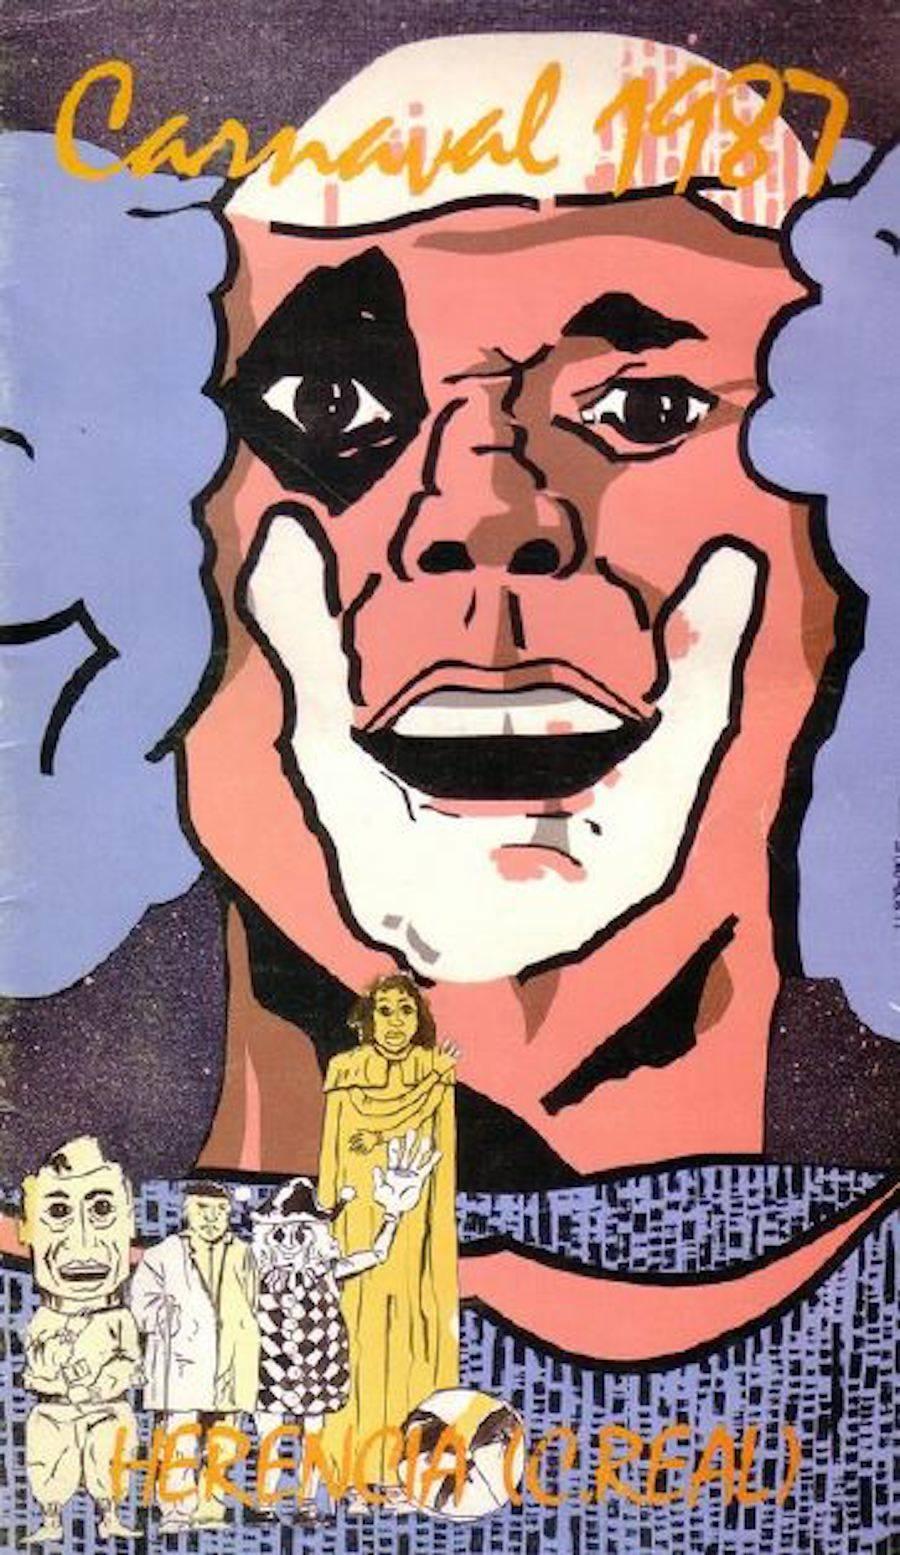 cartel carnaval 1987 - De nuevo carnavaleando por febrero